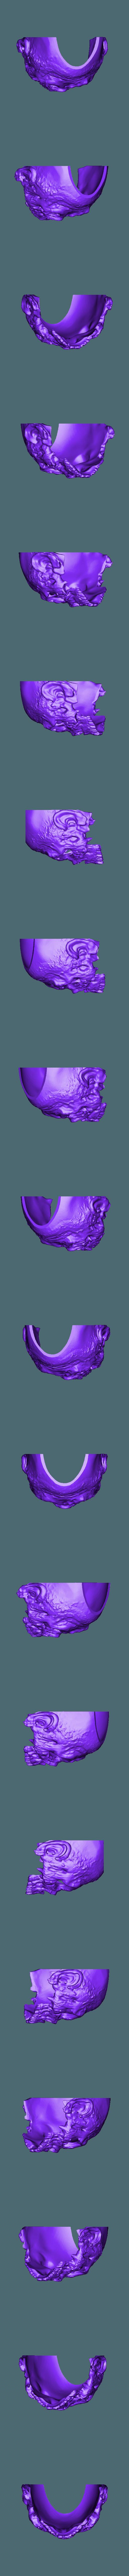 Tarman bigger mask  face.stl Télécharger fichier STL gratuit MASQUE DE ZOMBIE TARMAN • Objet imprimable en 3D, LittleTup